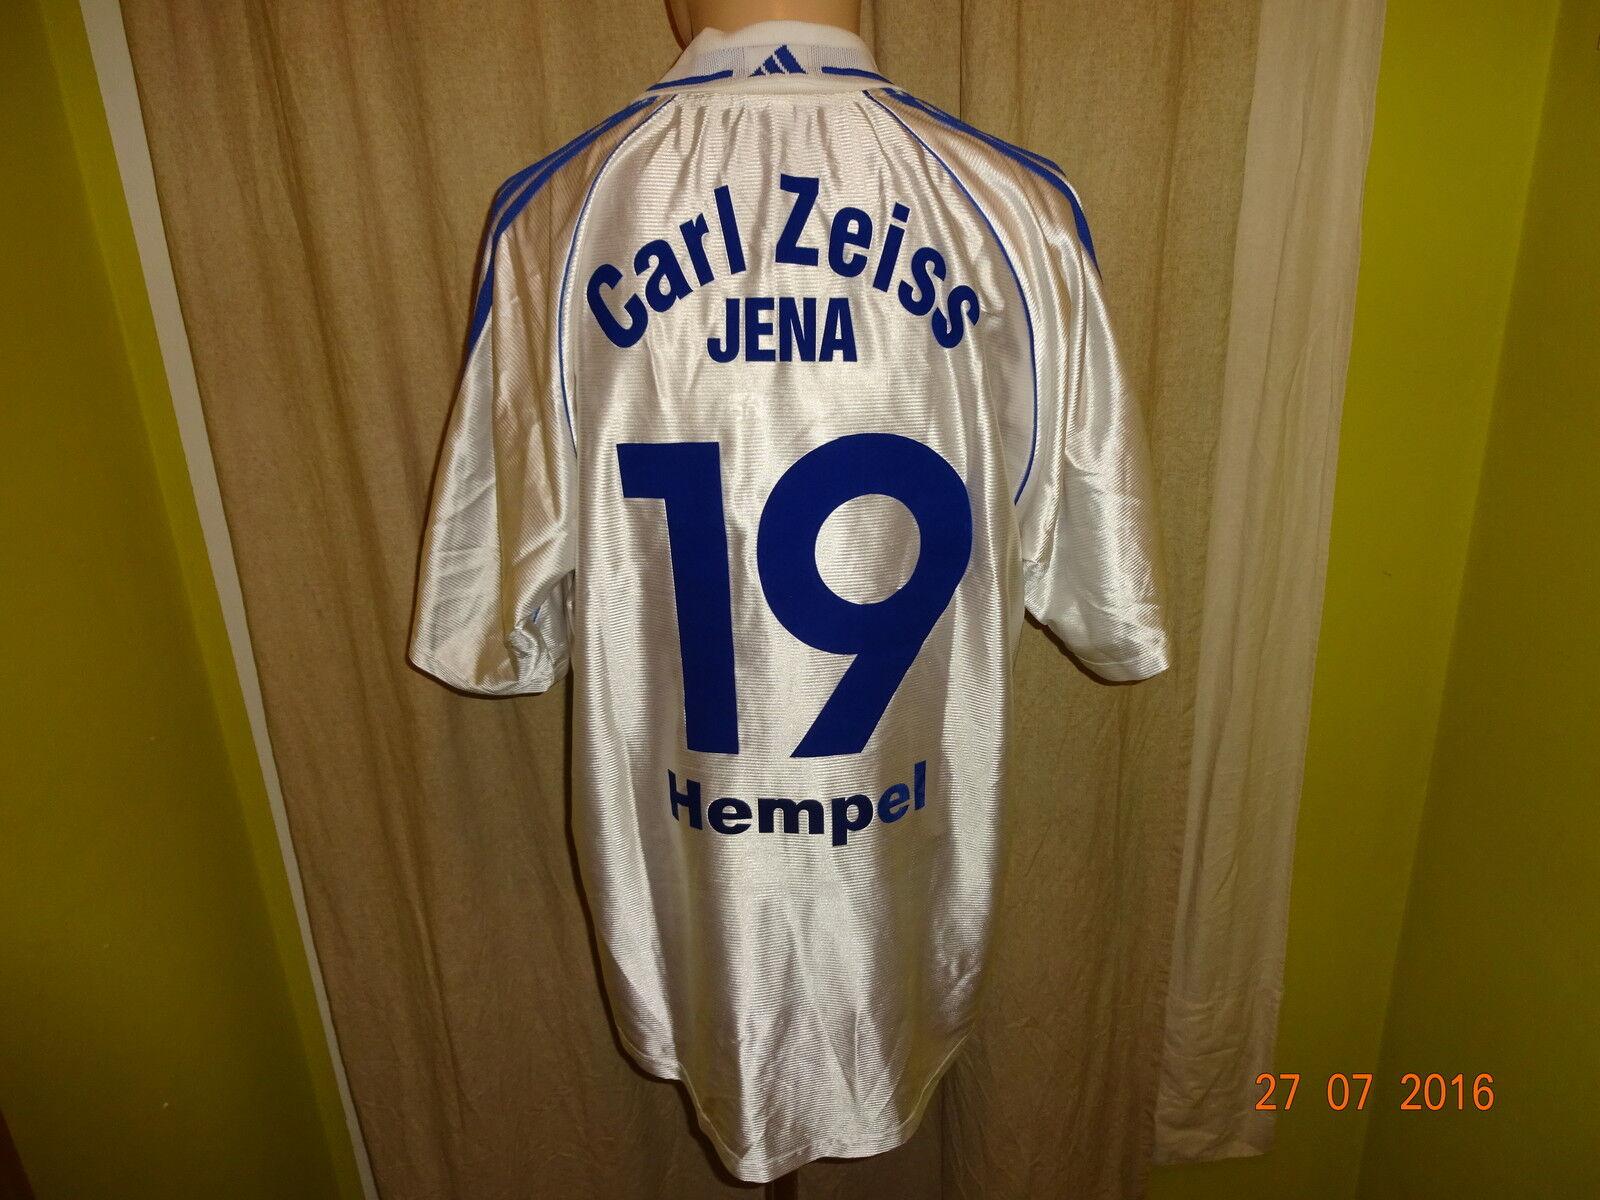 FC Carl Zeiss Jena Adidas U19 Matchworn Trikot 2000 01 + Nr.19 Hempel Gr.L- XL  | Mangelware